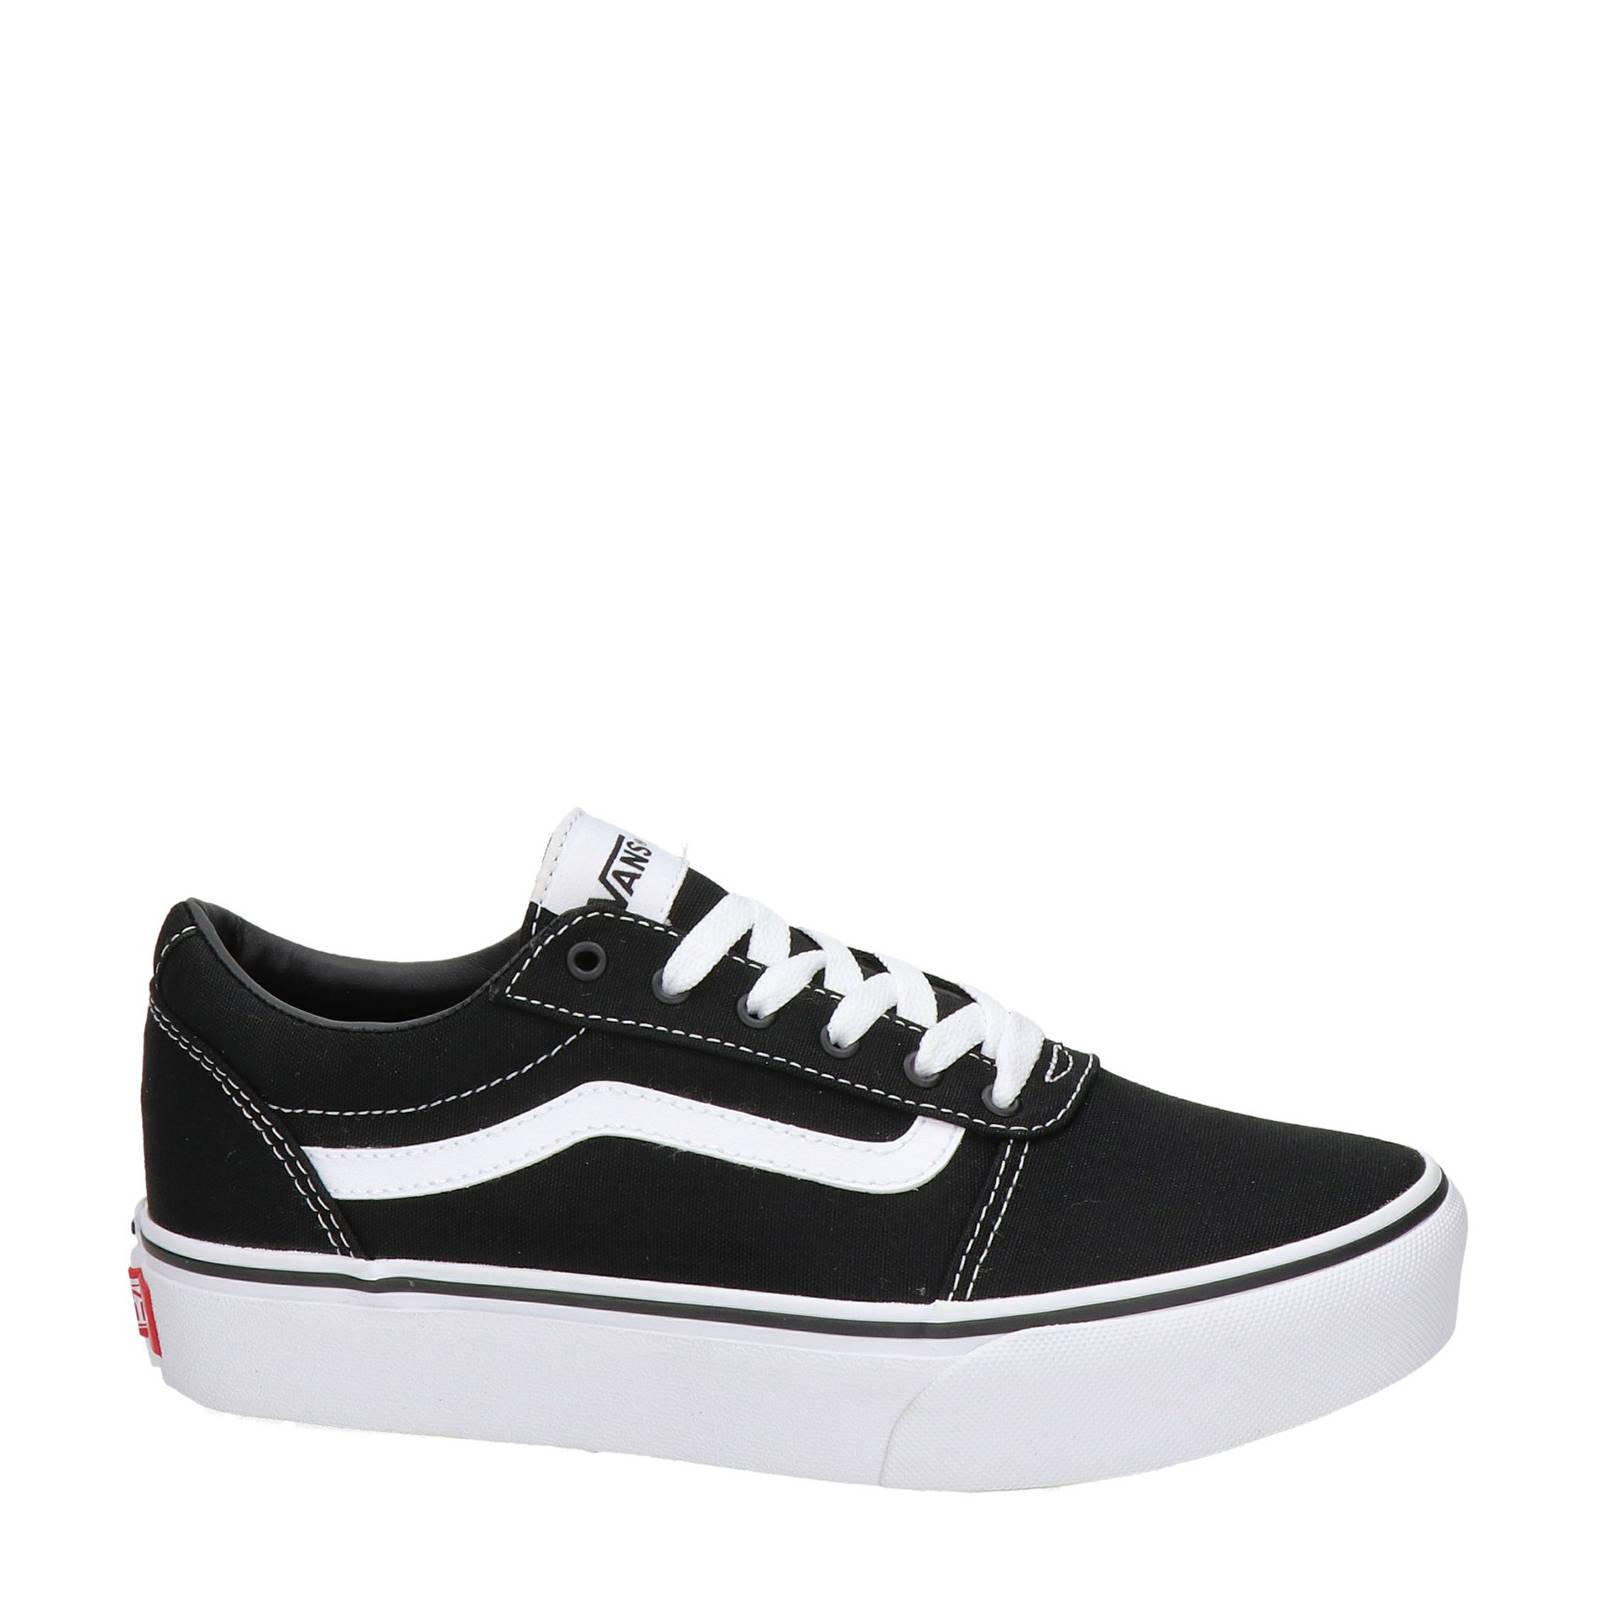 165cbef6527a5e VANS Ward Platform sneakers zwart